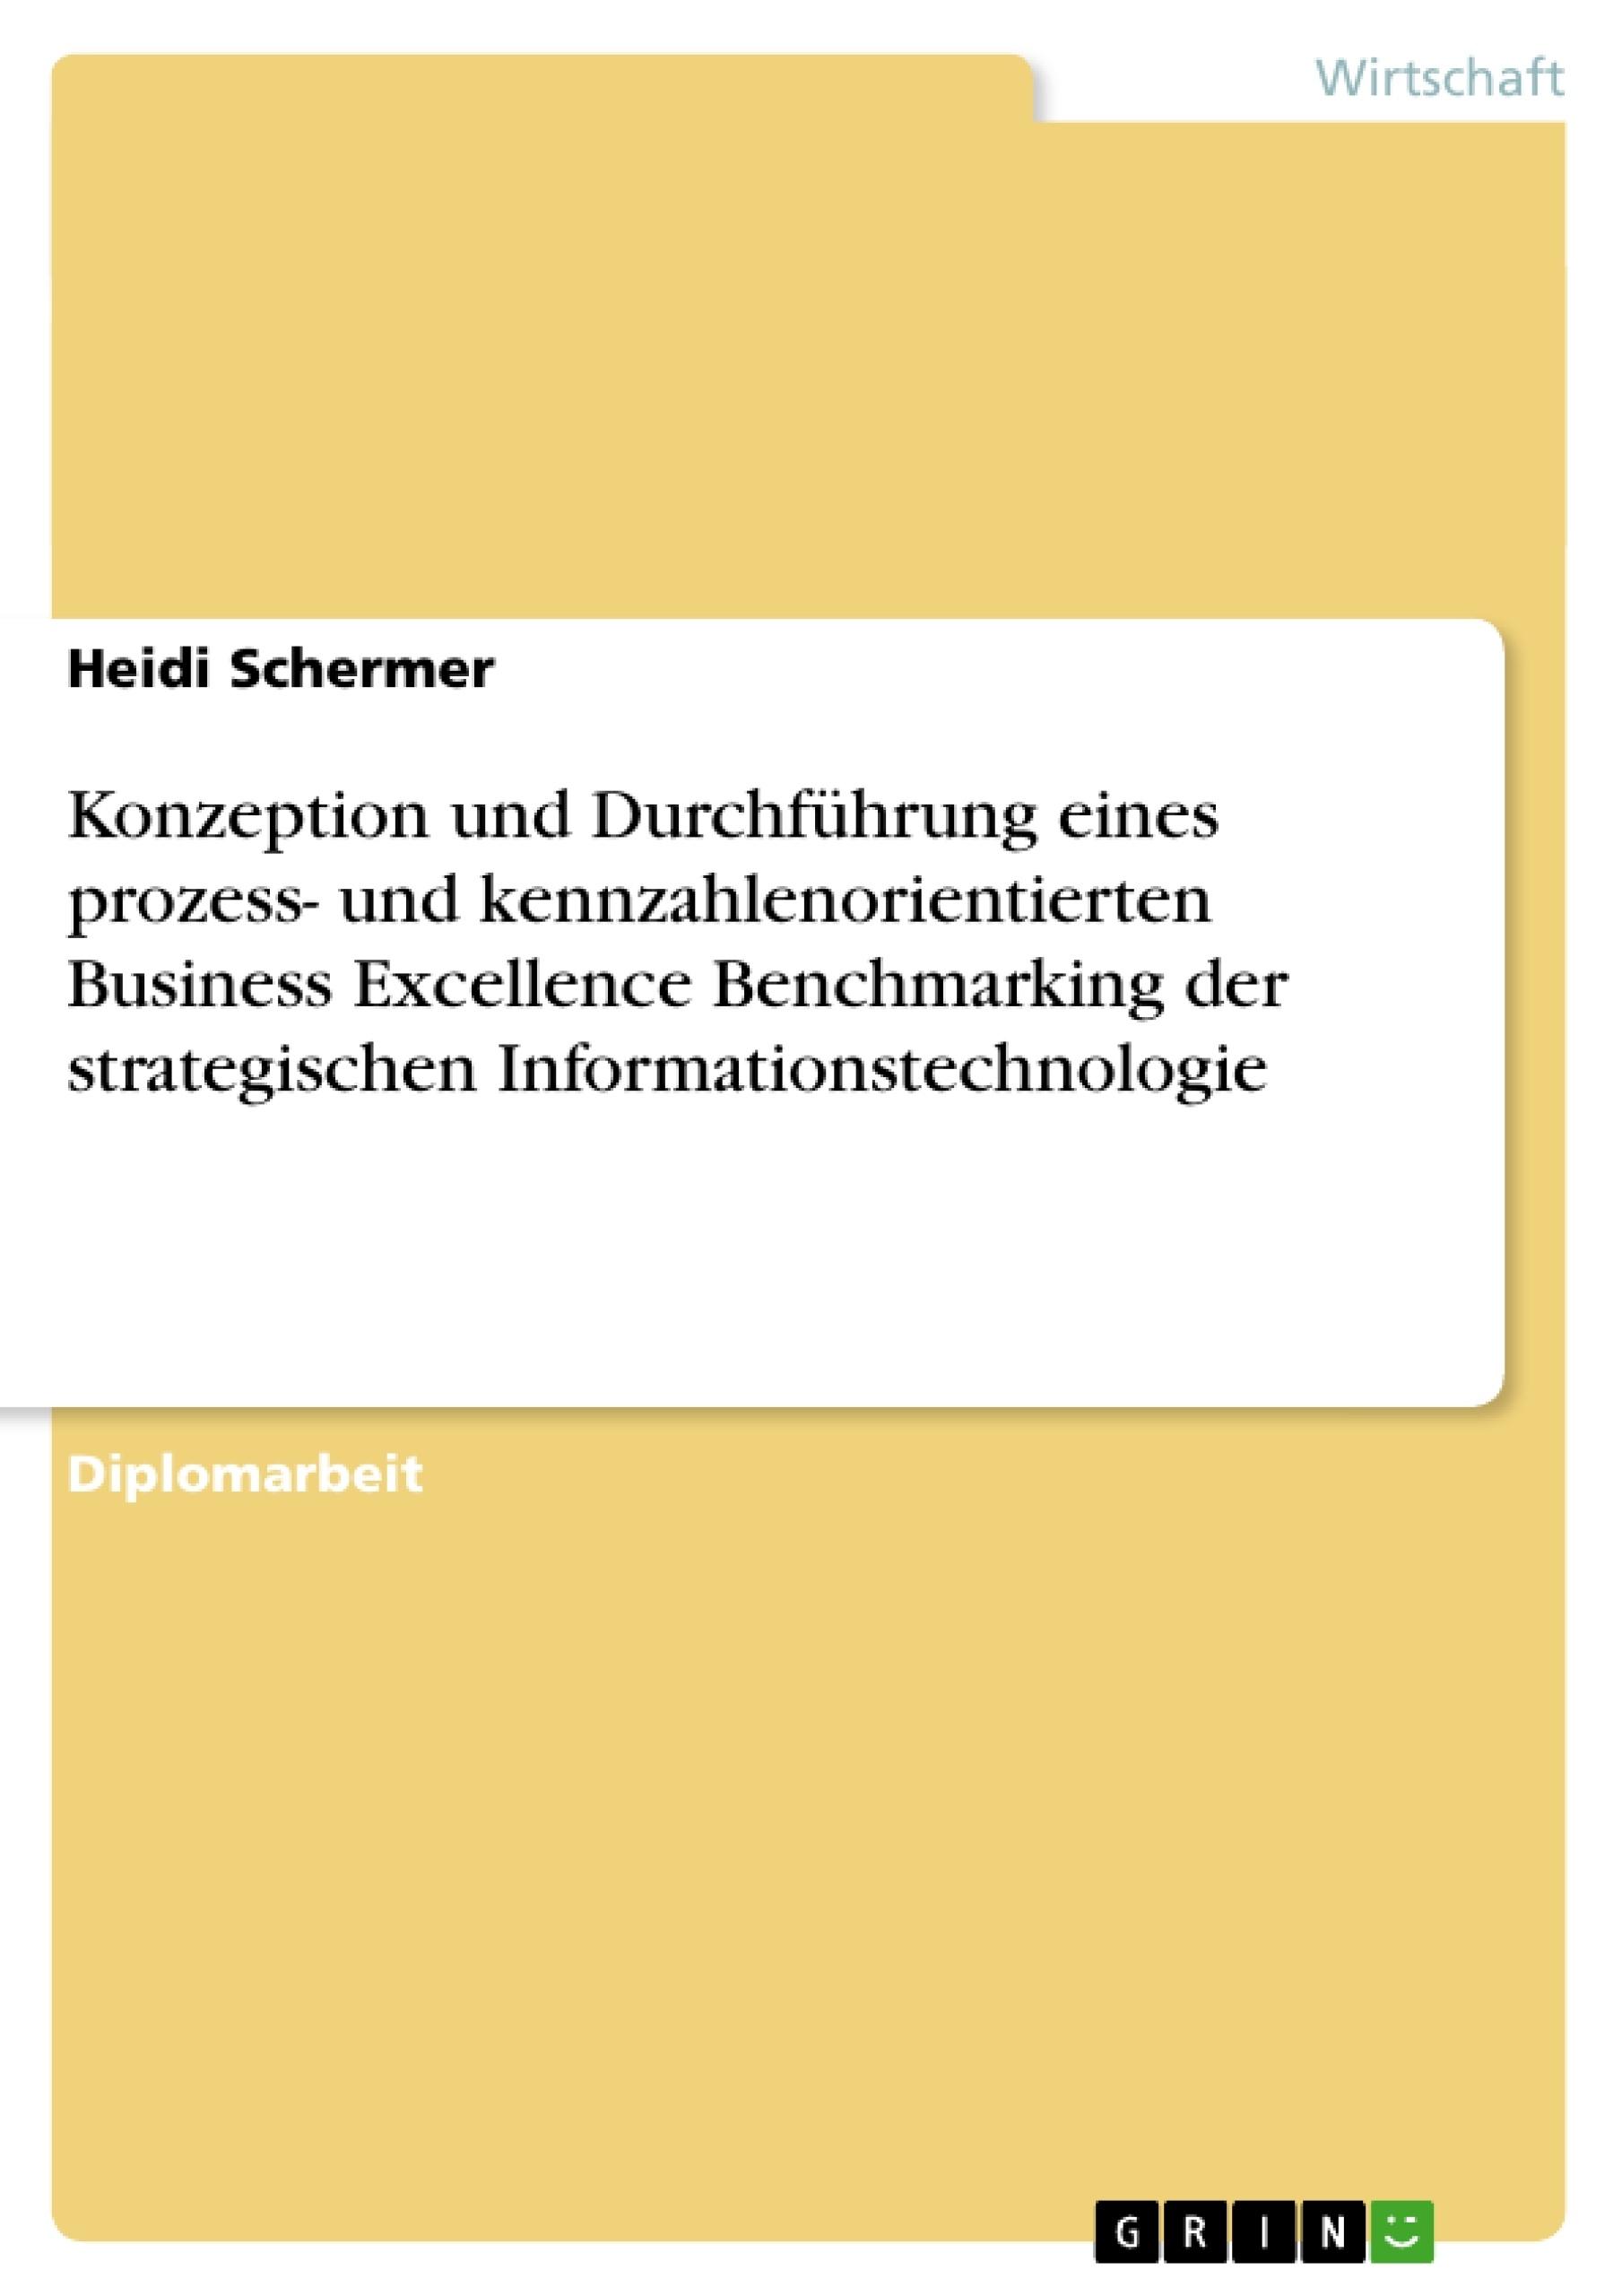 Titel: Konzeption und Durchführung eines prozess- und kennzahlenorientierten Business Excellence Benchmarking der strategischen Informationstechnologie